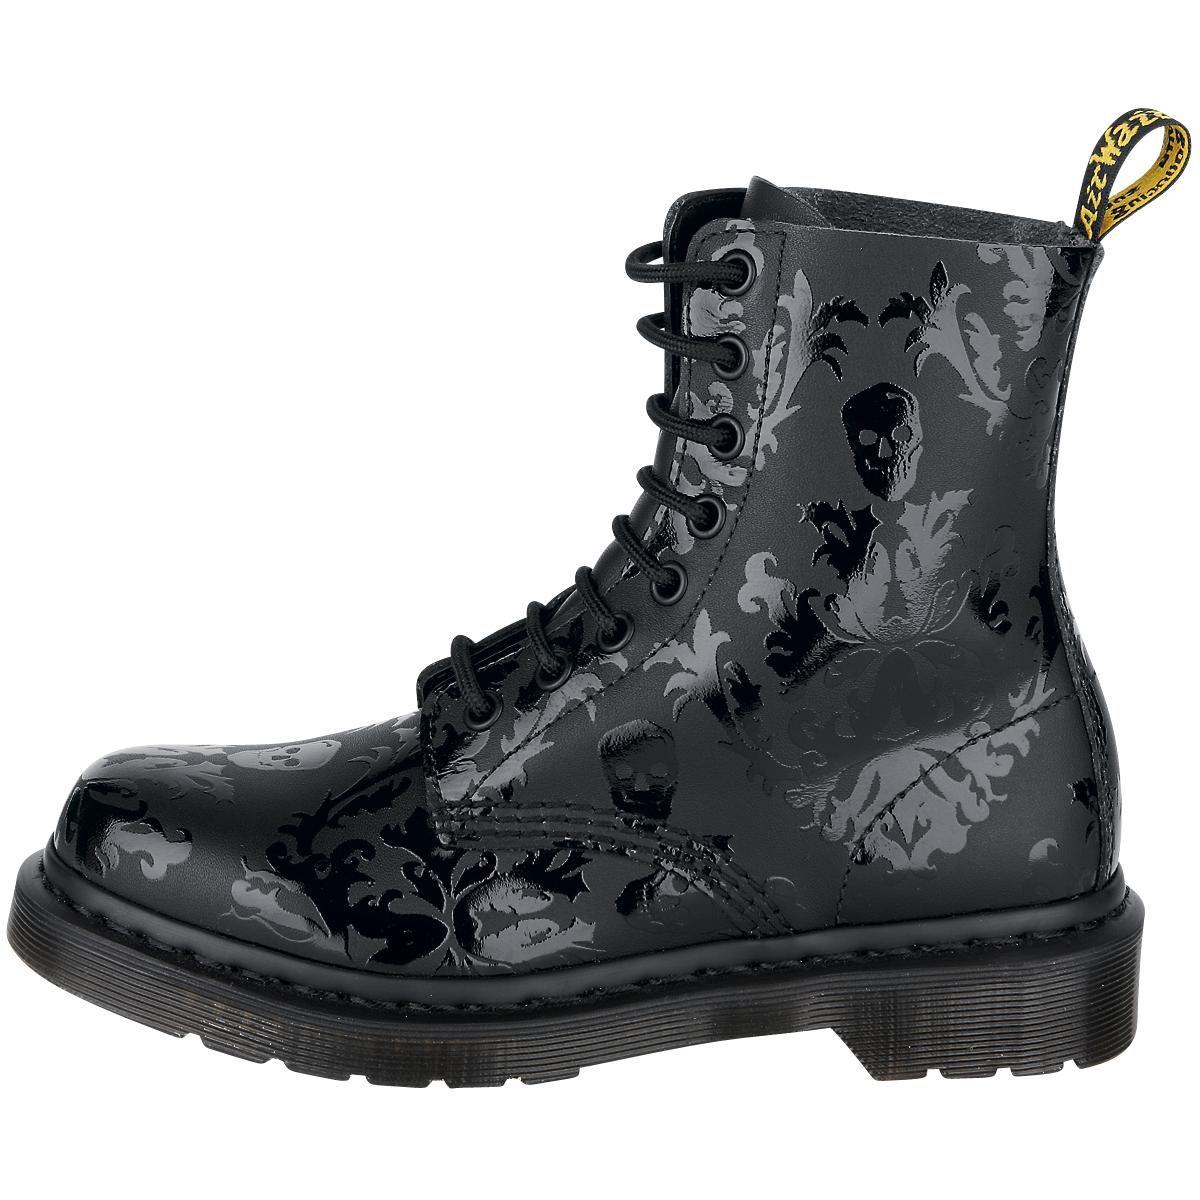 Boots, Black boots, Doc martens boots